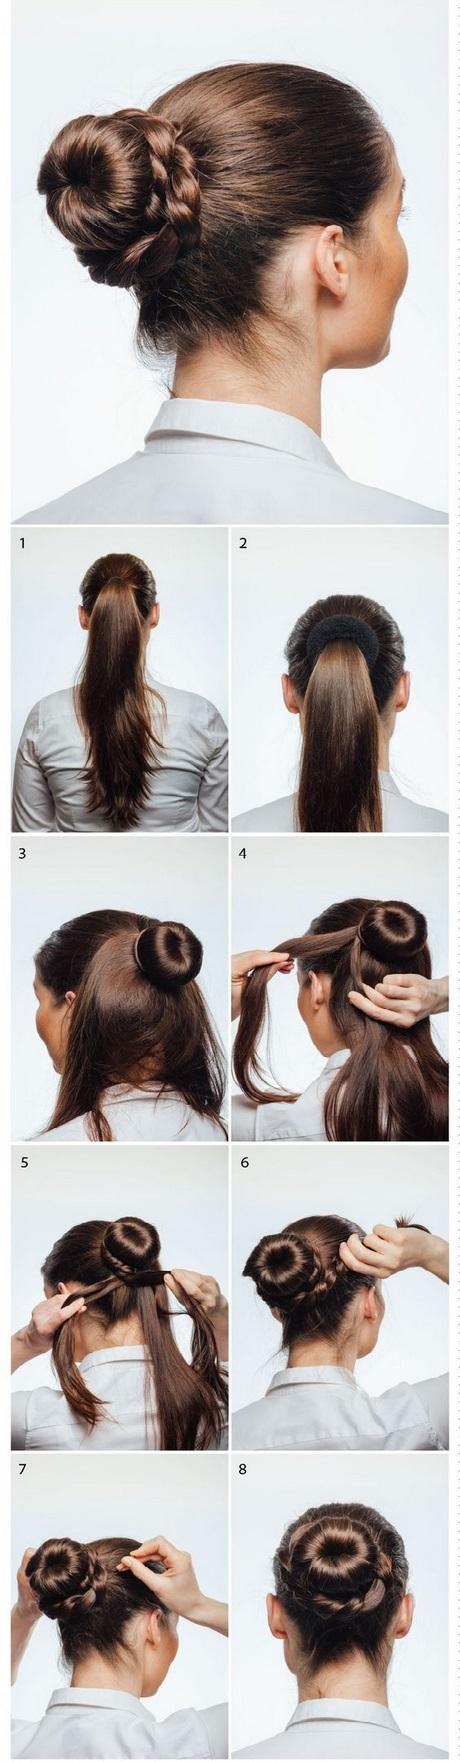 Faire un chignon avec des cheveux courts